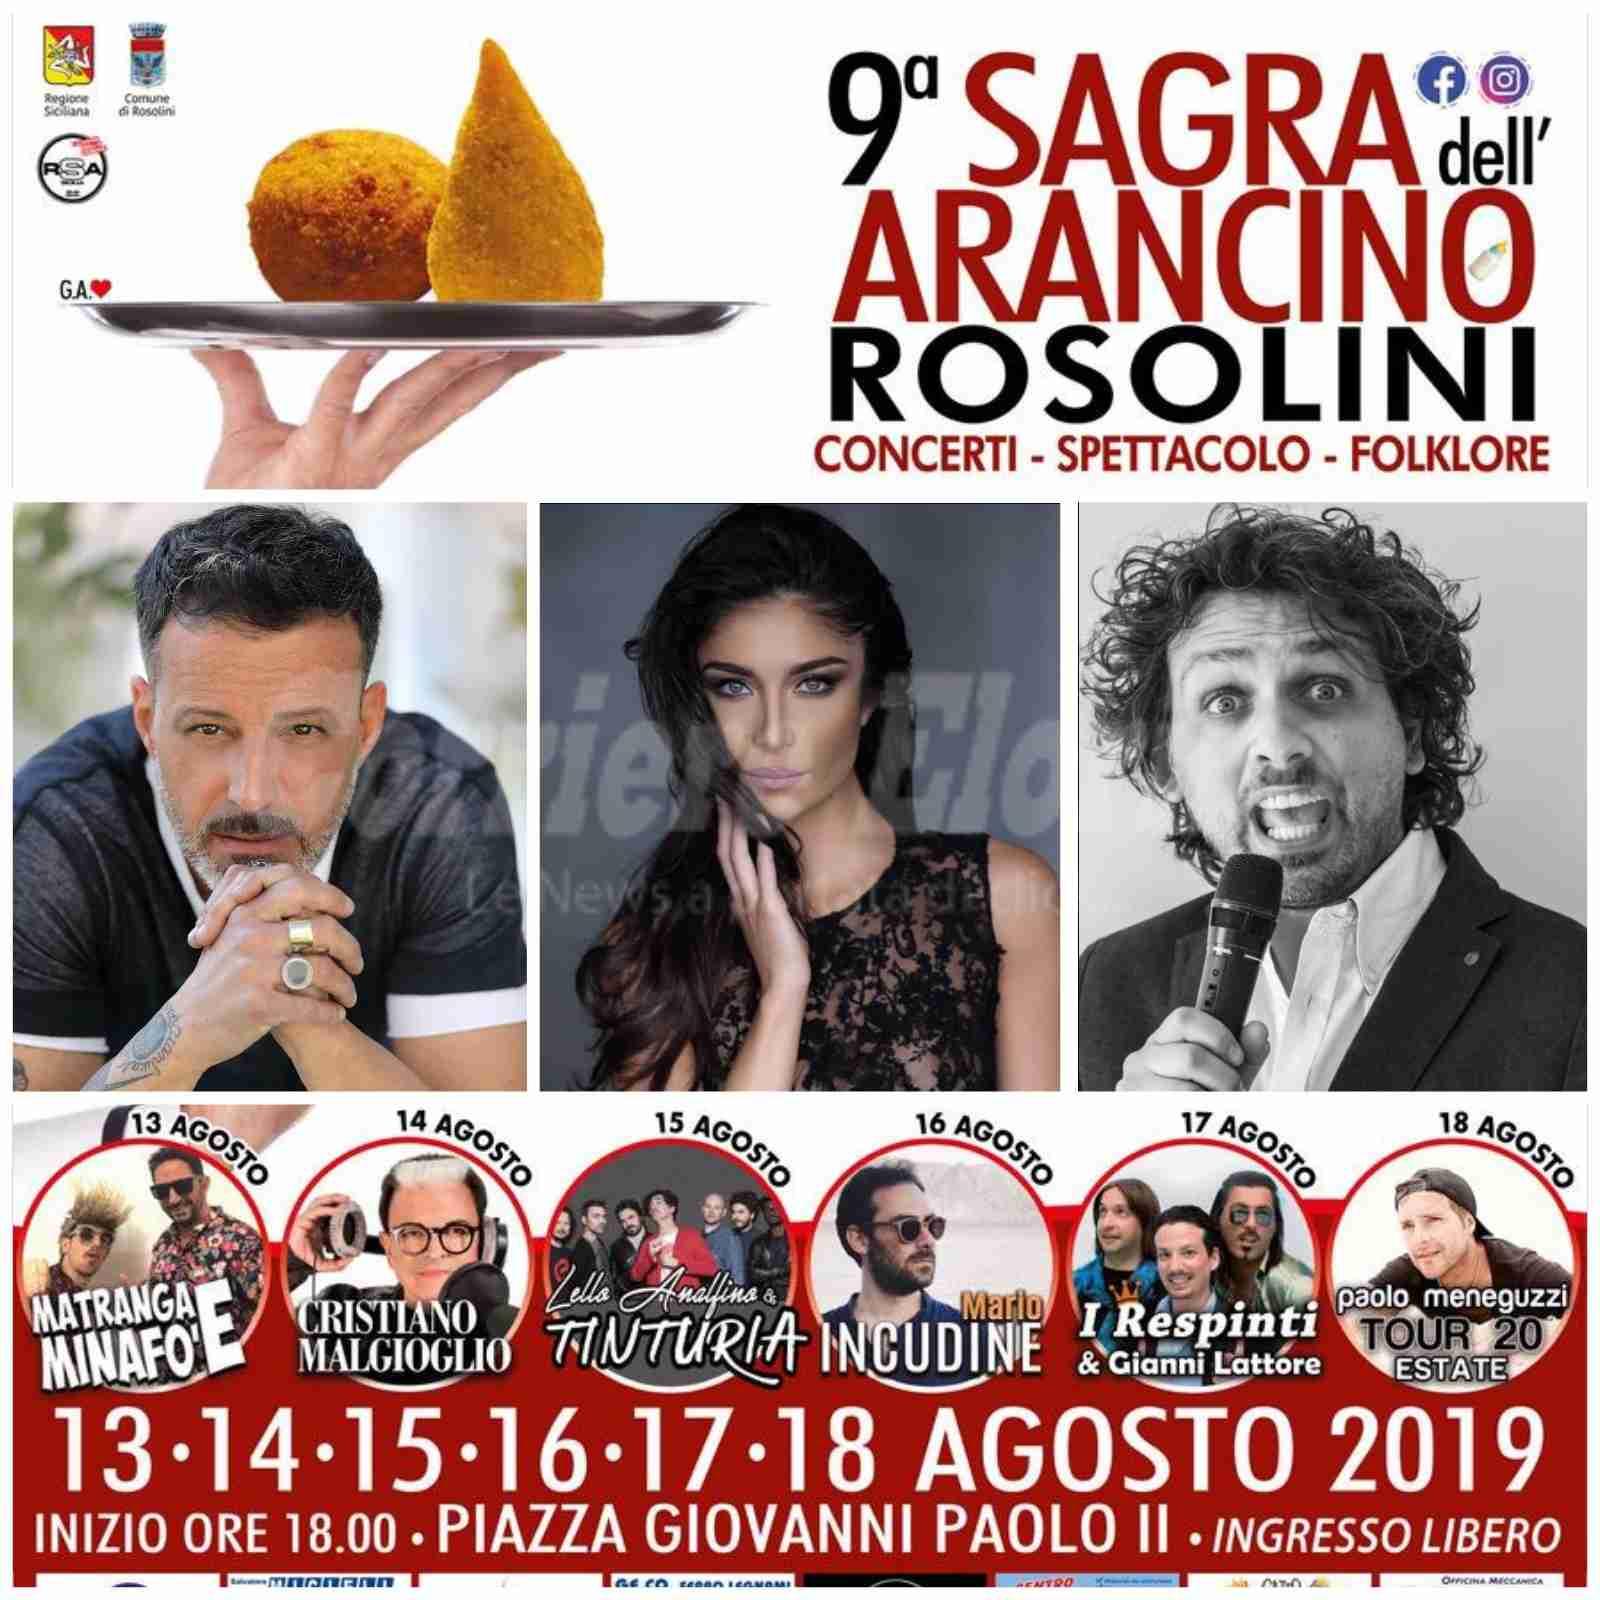 Kikò, Ambra e Di Rosolini: tre presentatori per la 9ª Sagra dell'Arancino